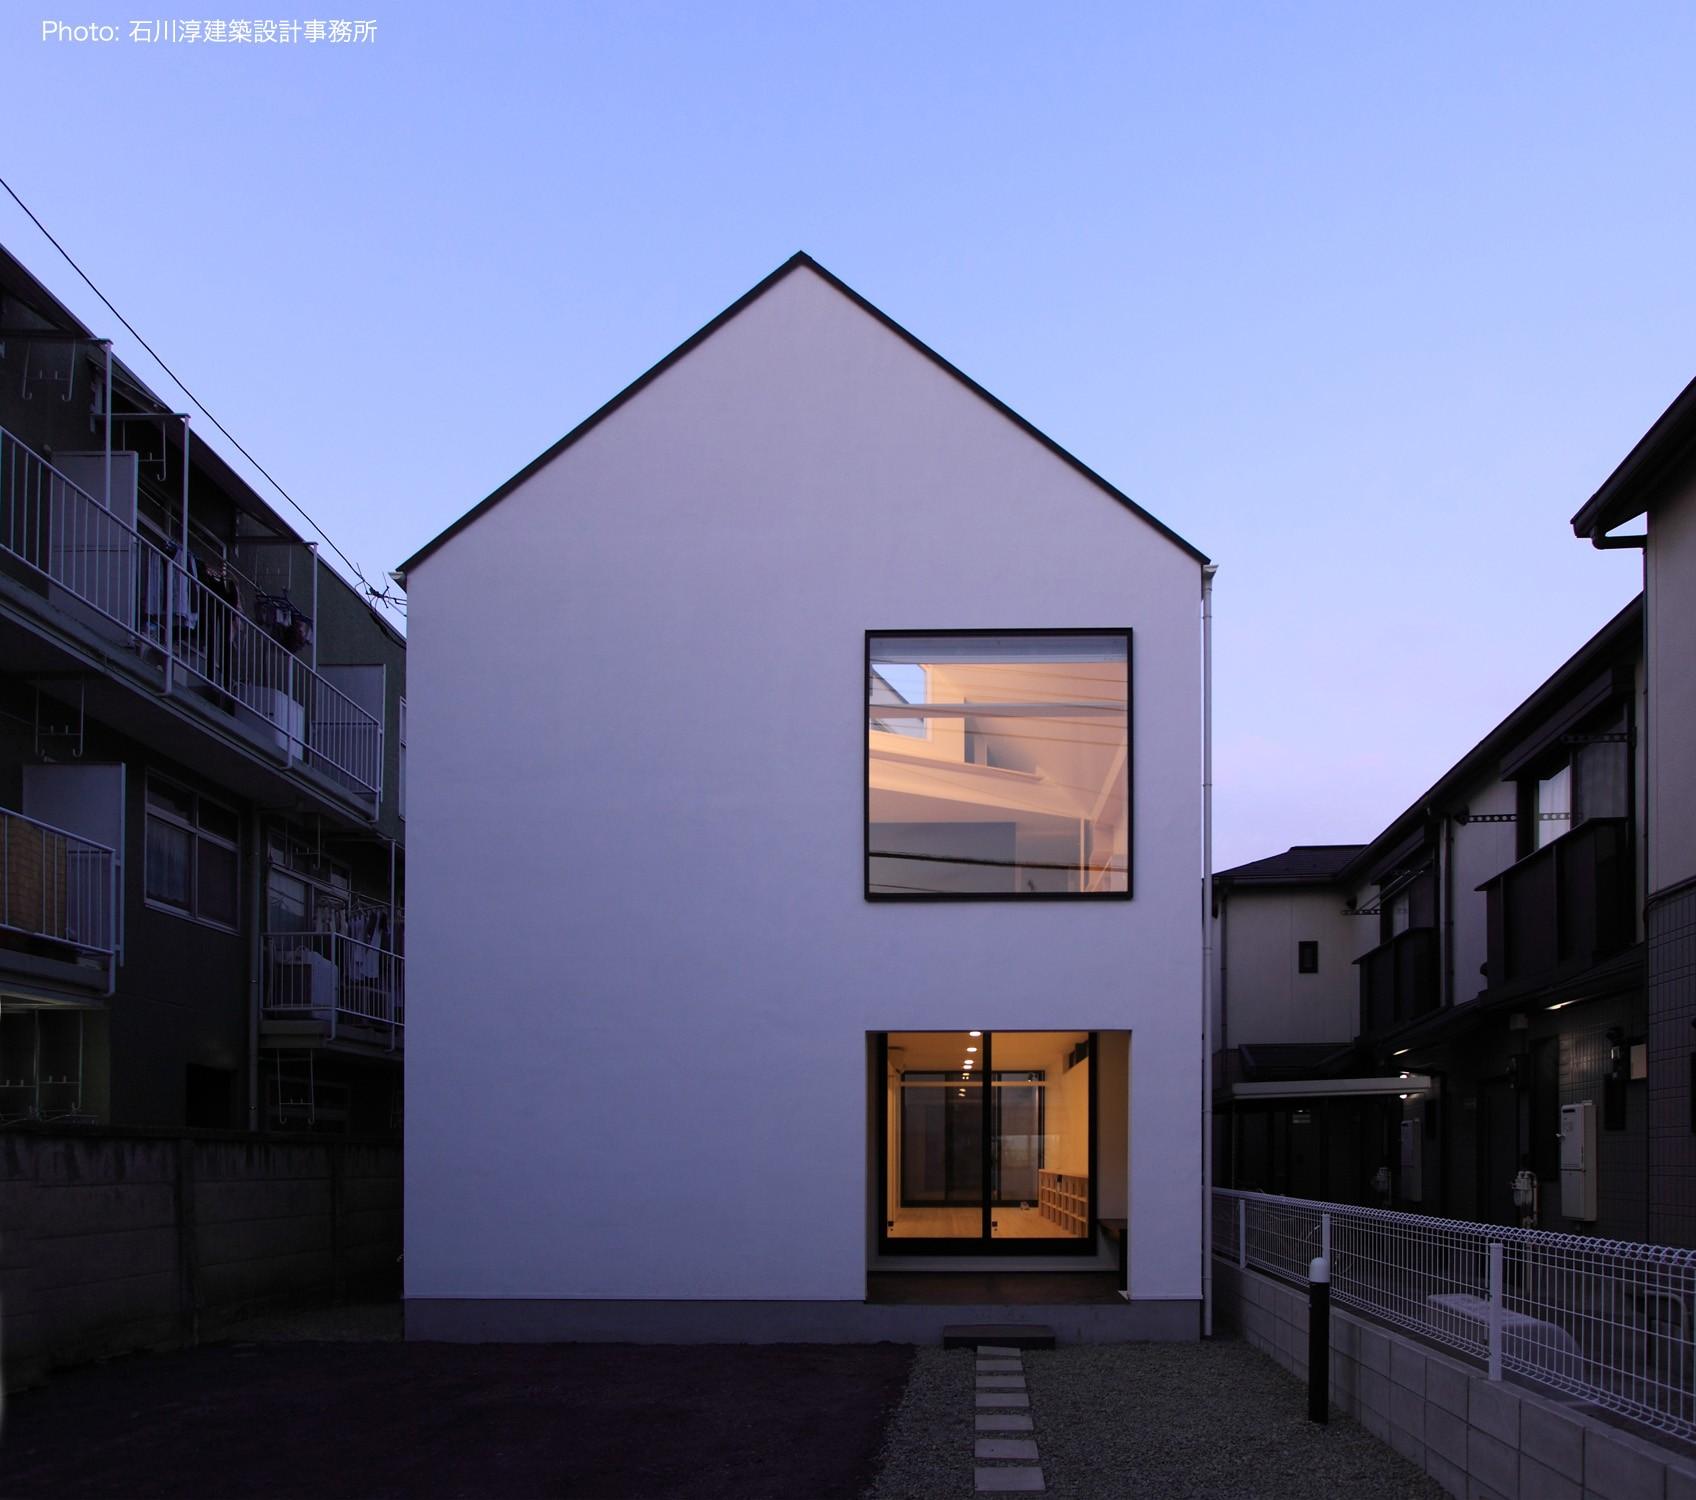 外観事例:猫と犬と住む家 二世帯住宅のOUCHI-14(デザイン住宅外観いろいろ)